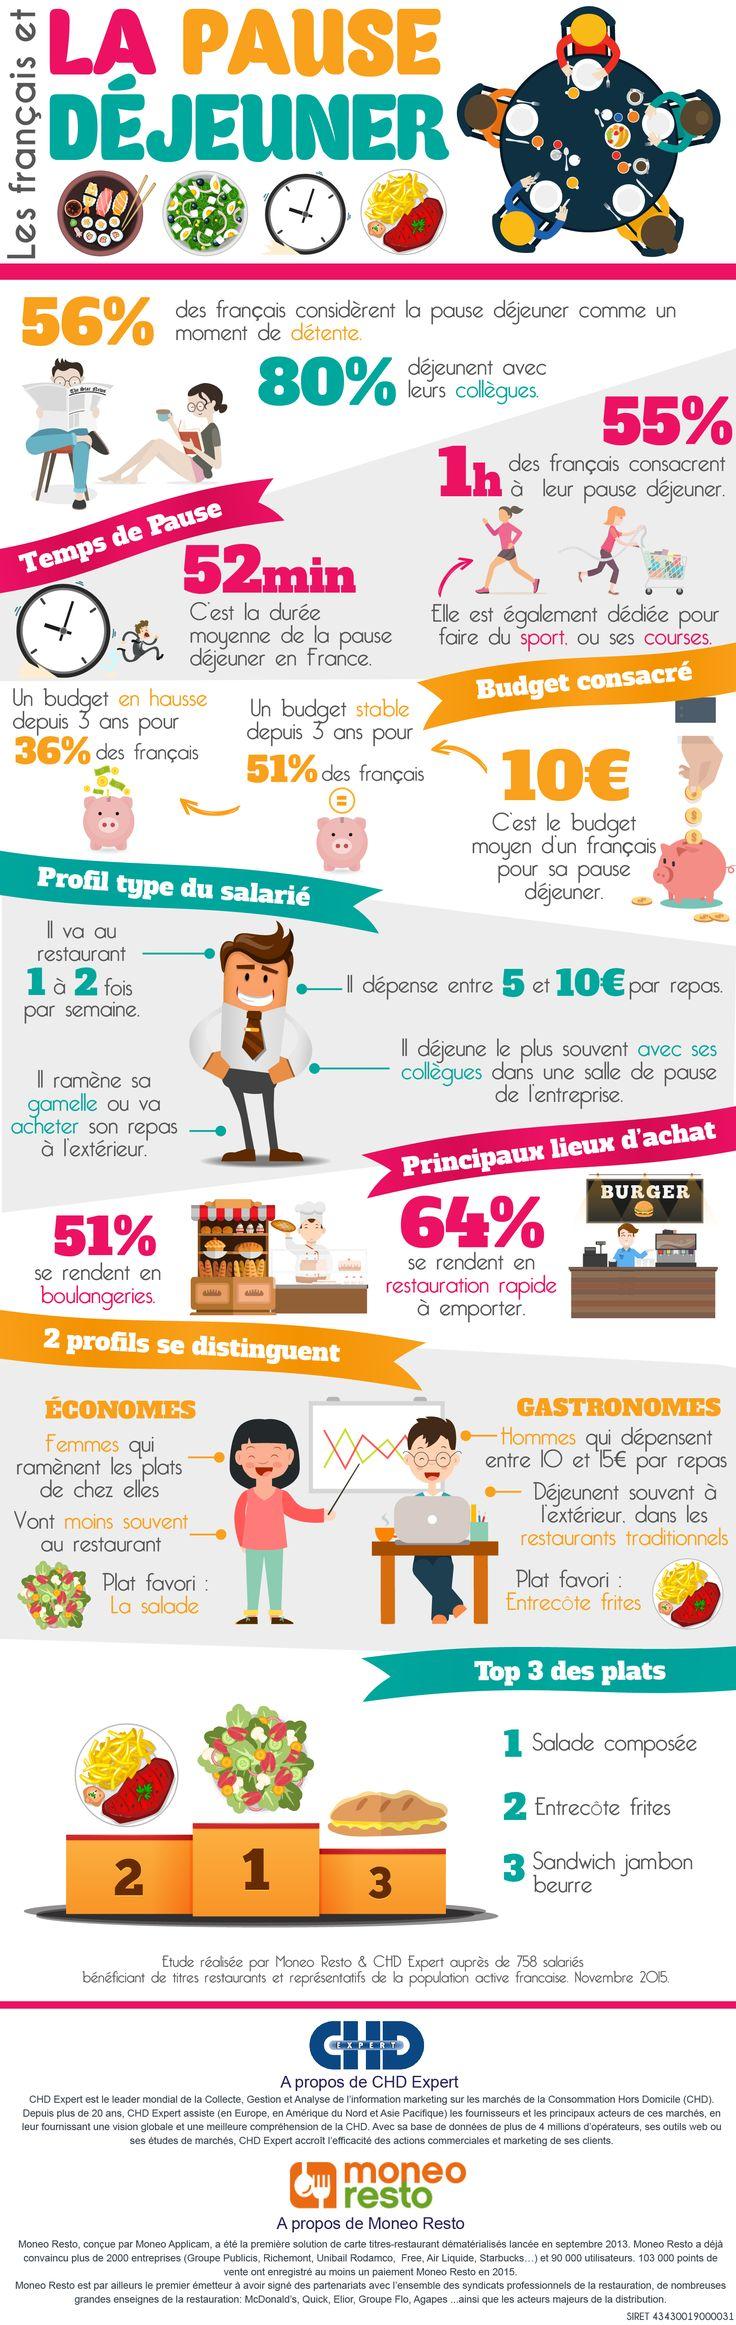 Infographie Les francais et la pause dejeuner